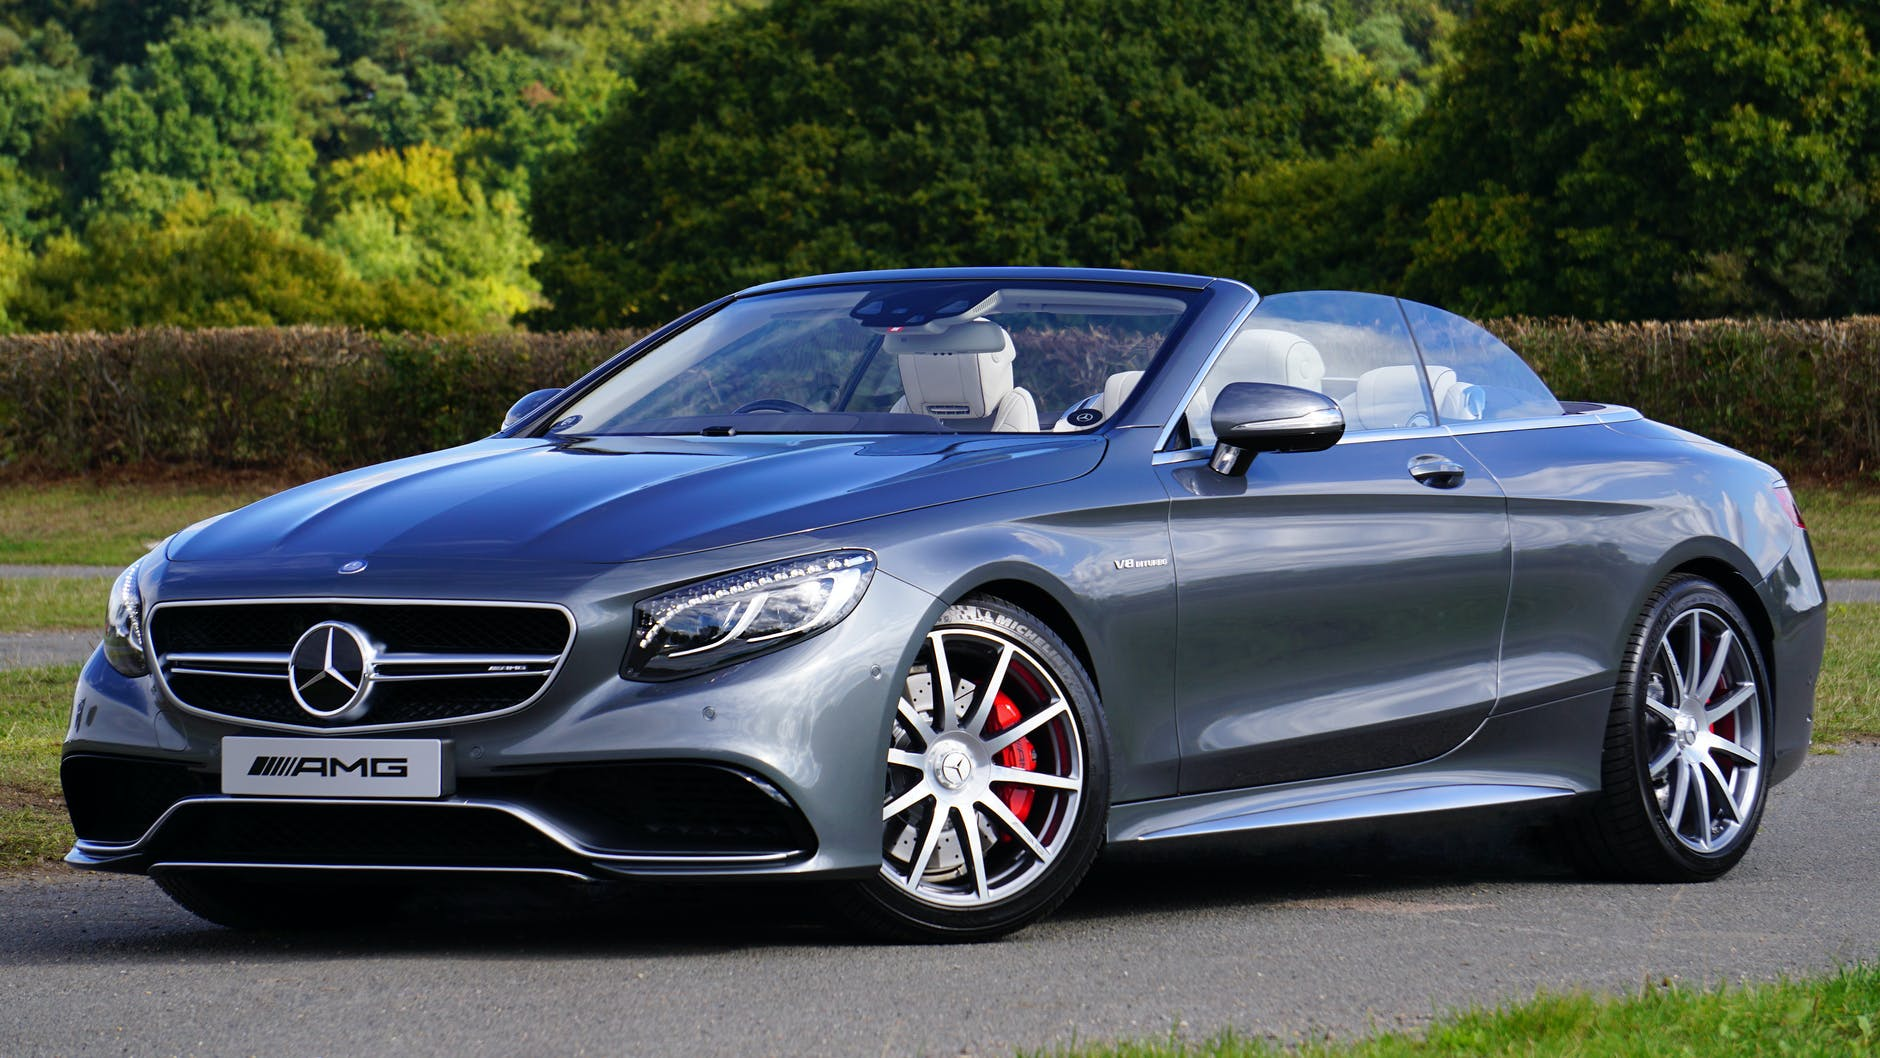 VoordelenFinancialleasevoorjouwMercedes-Benz